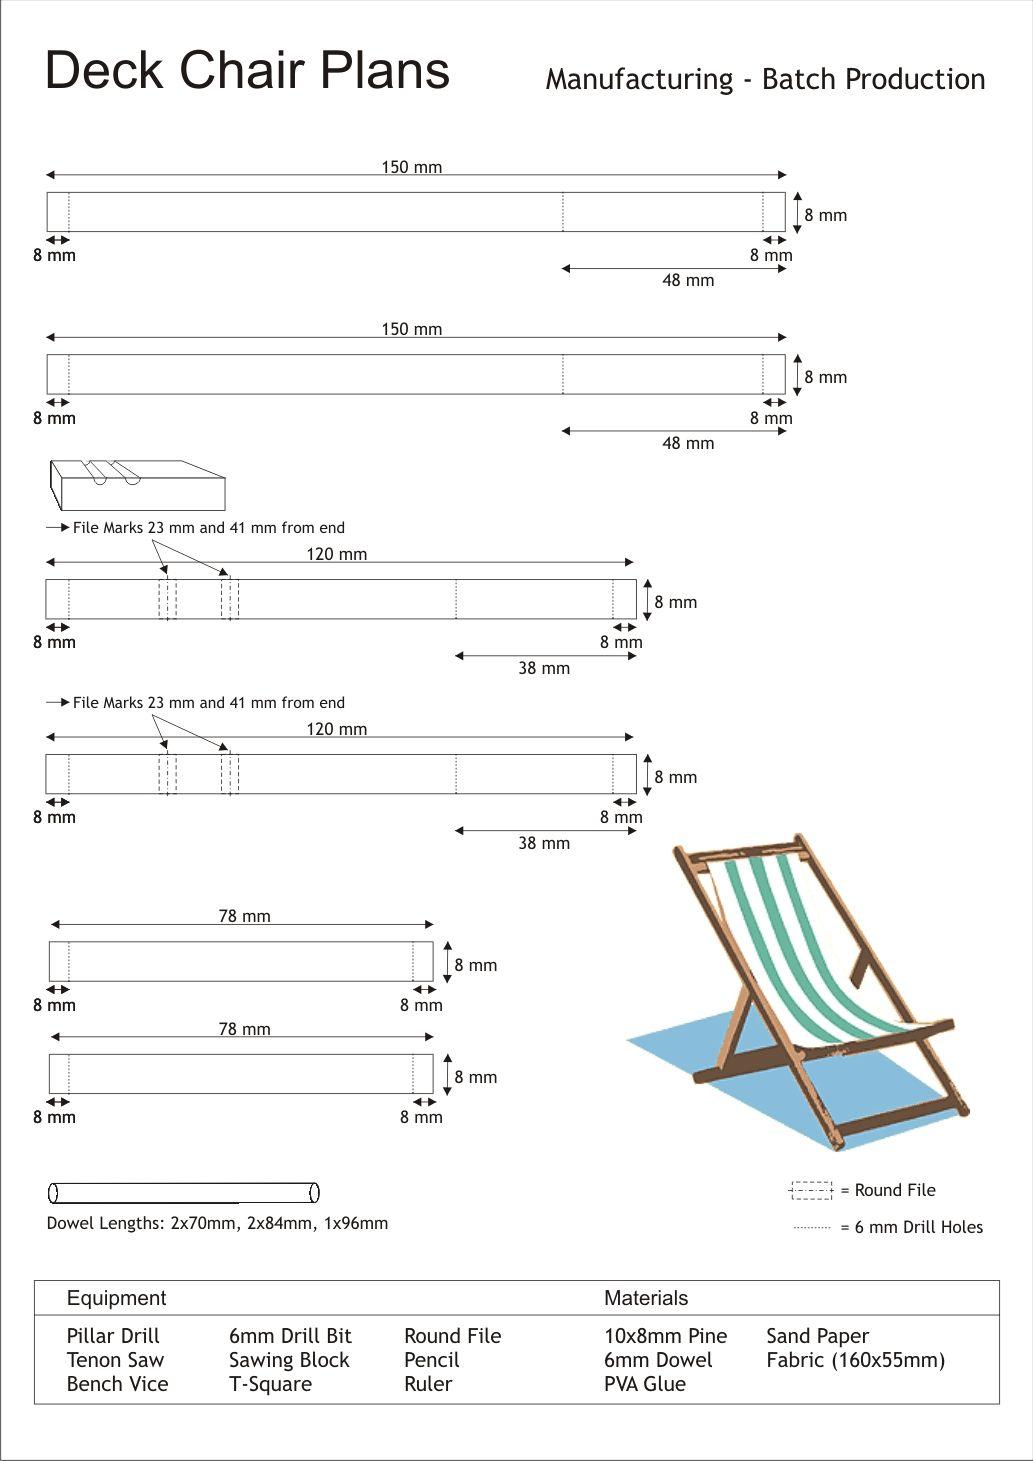 planos de cadeira de praia sillas pinterest deck chairs